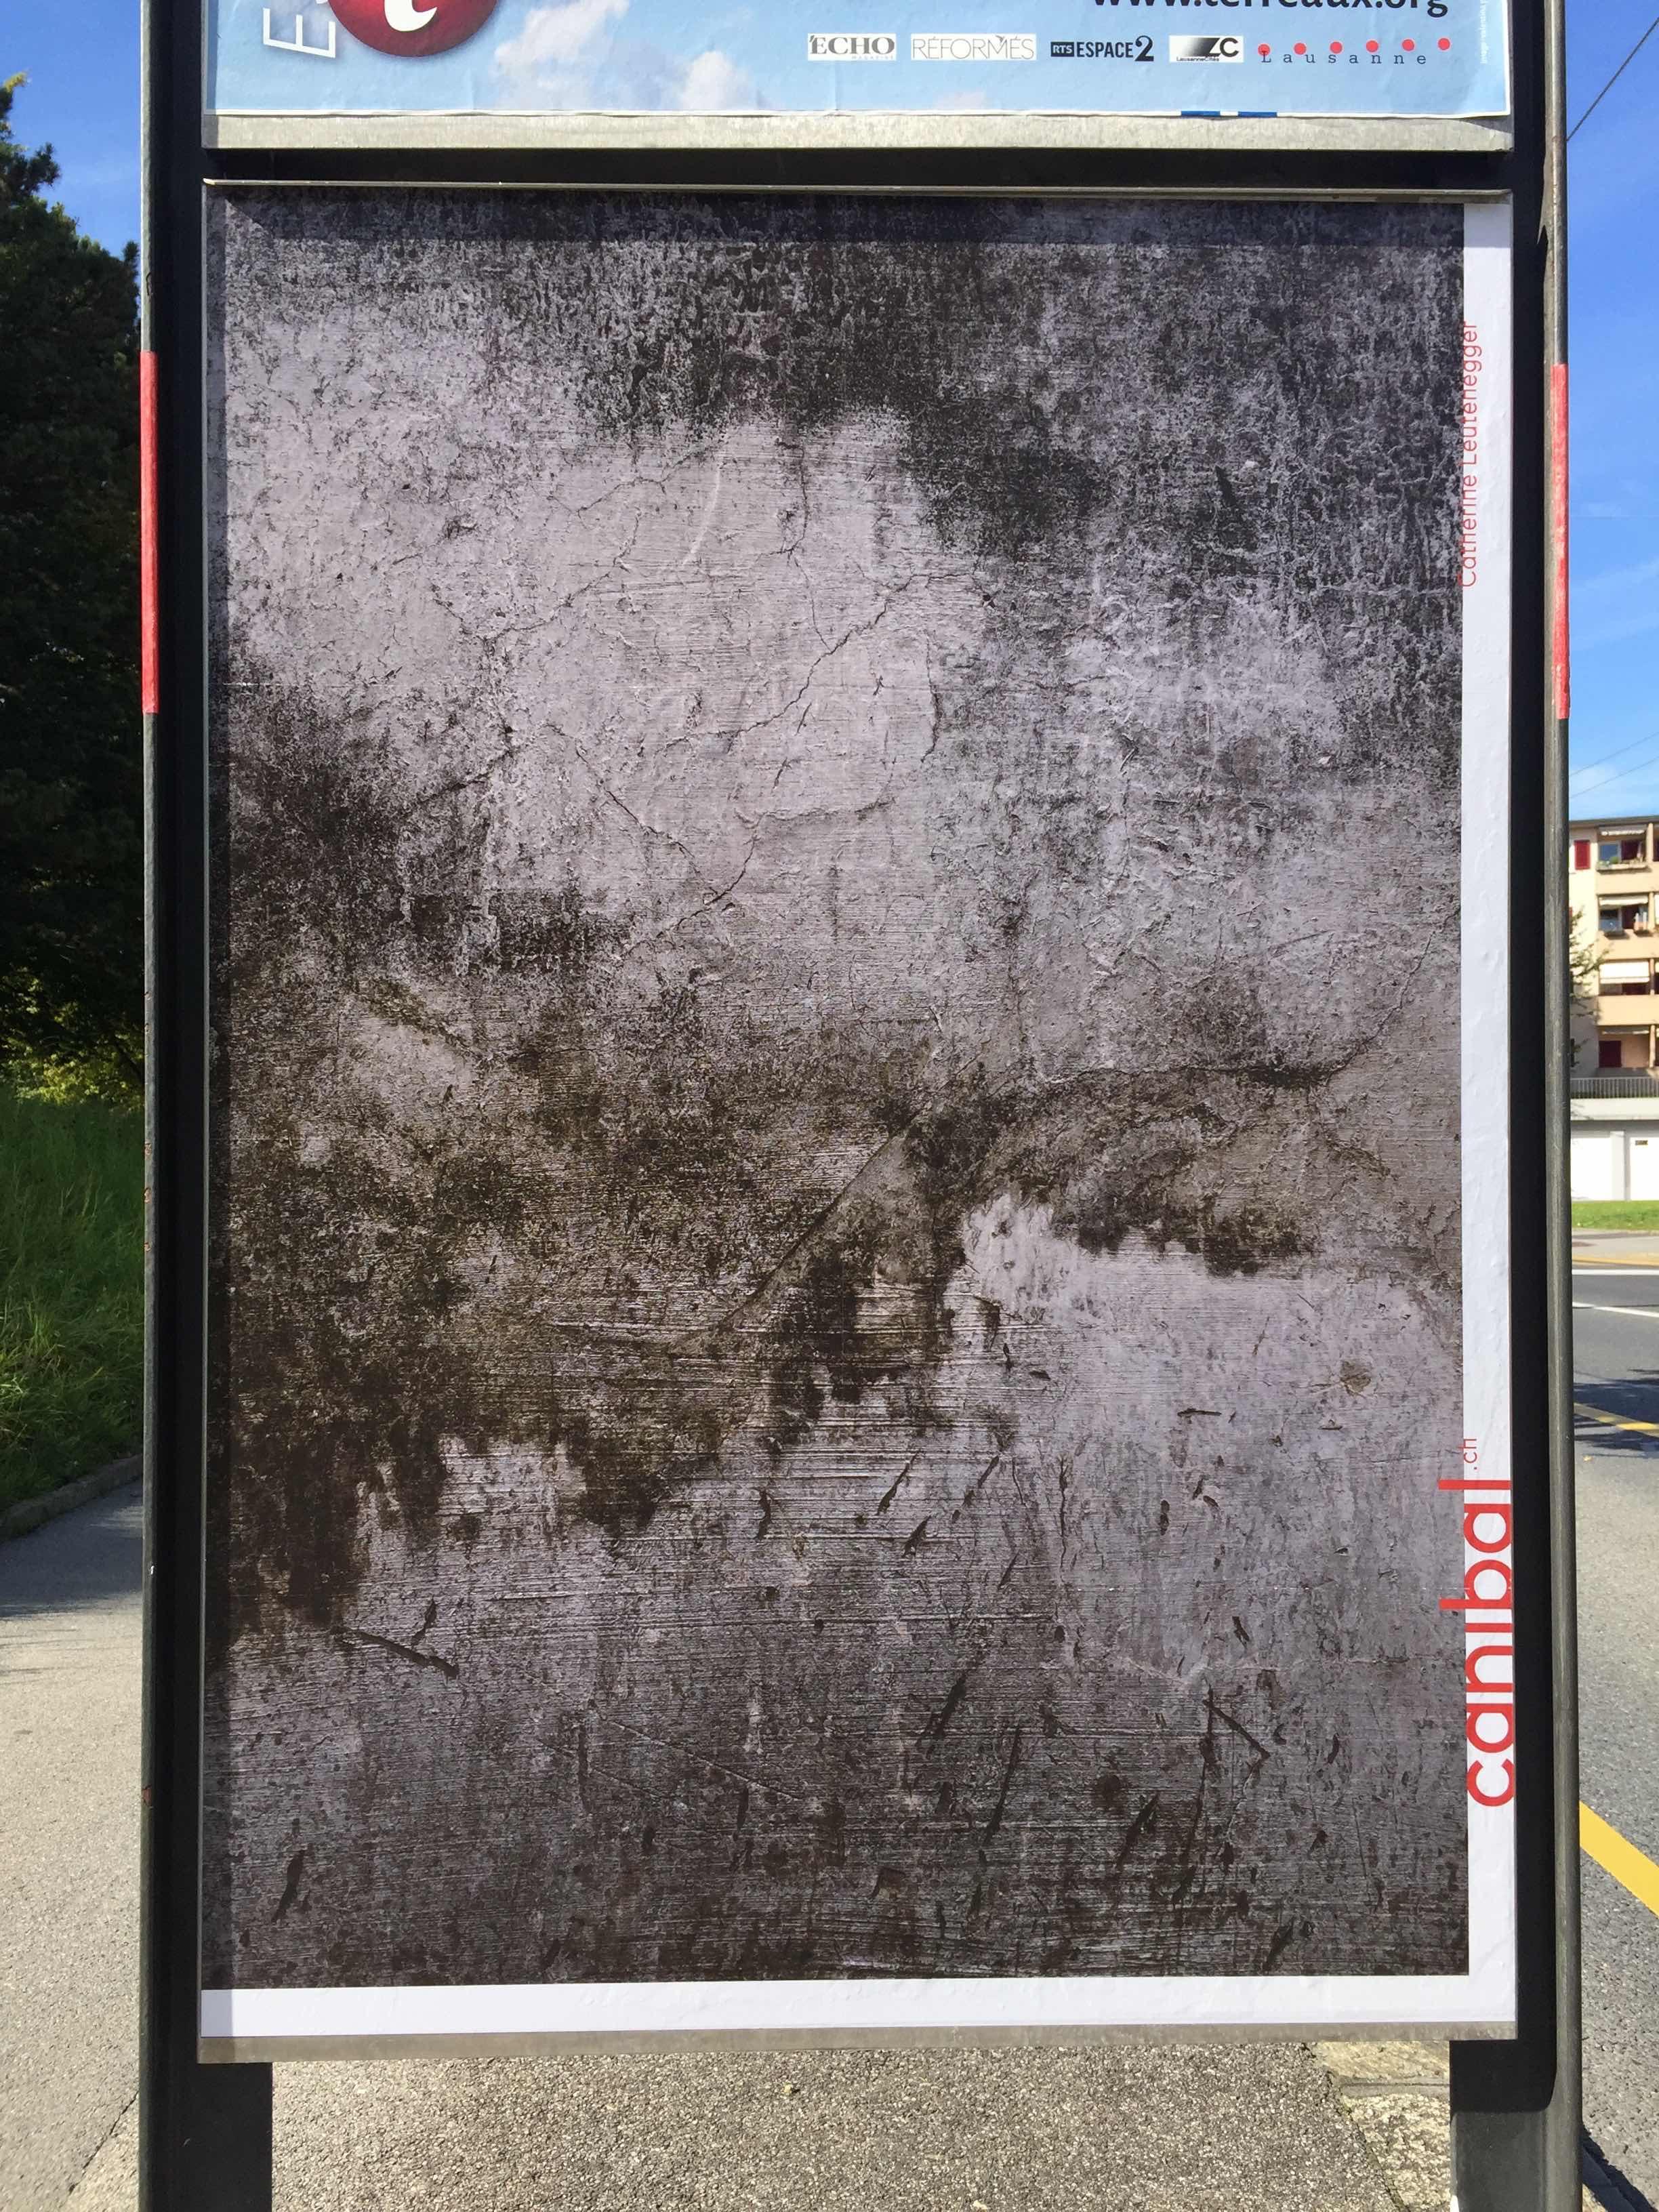 Catherine Leutenegger, route des plaines du loup 21, Lausanne-IMG_5703